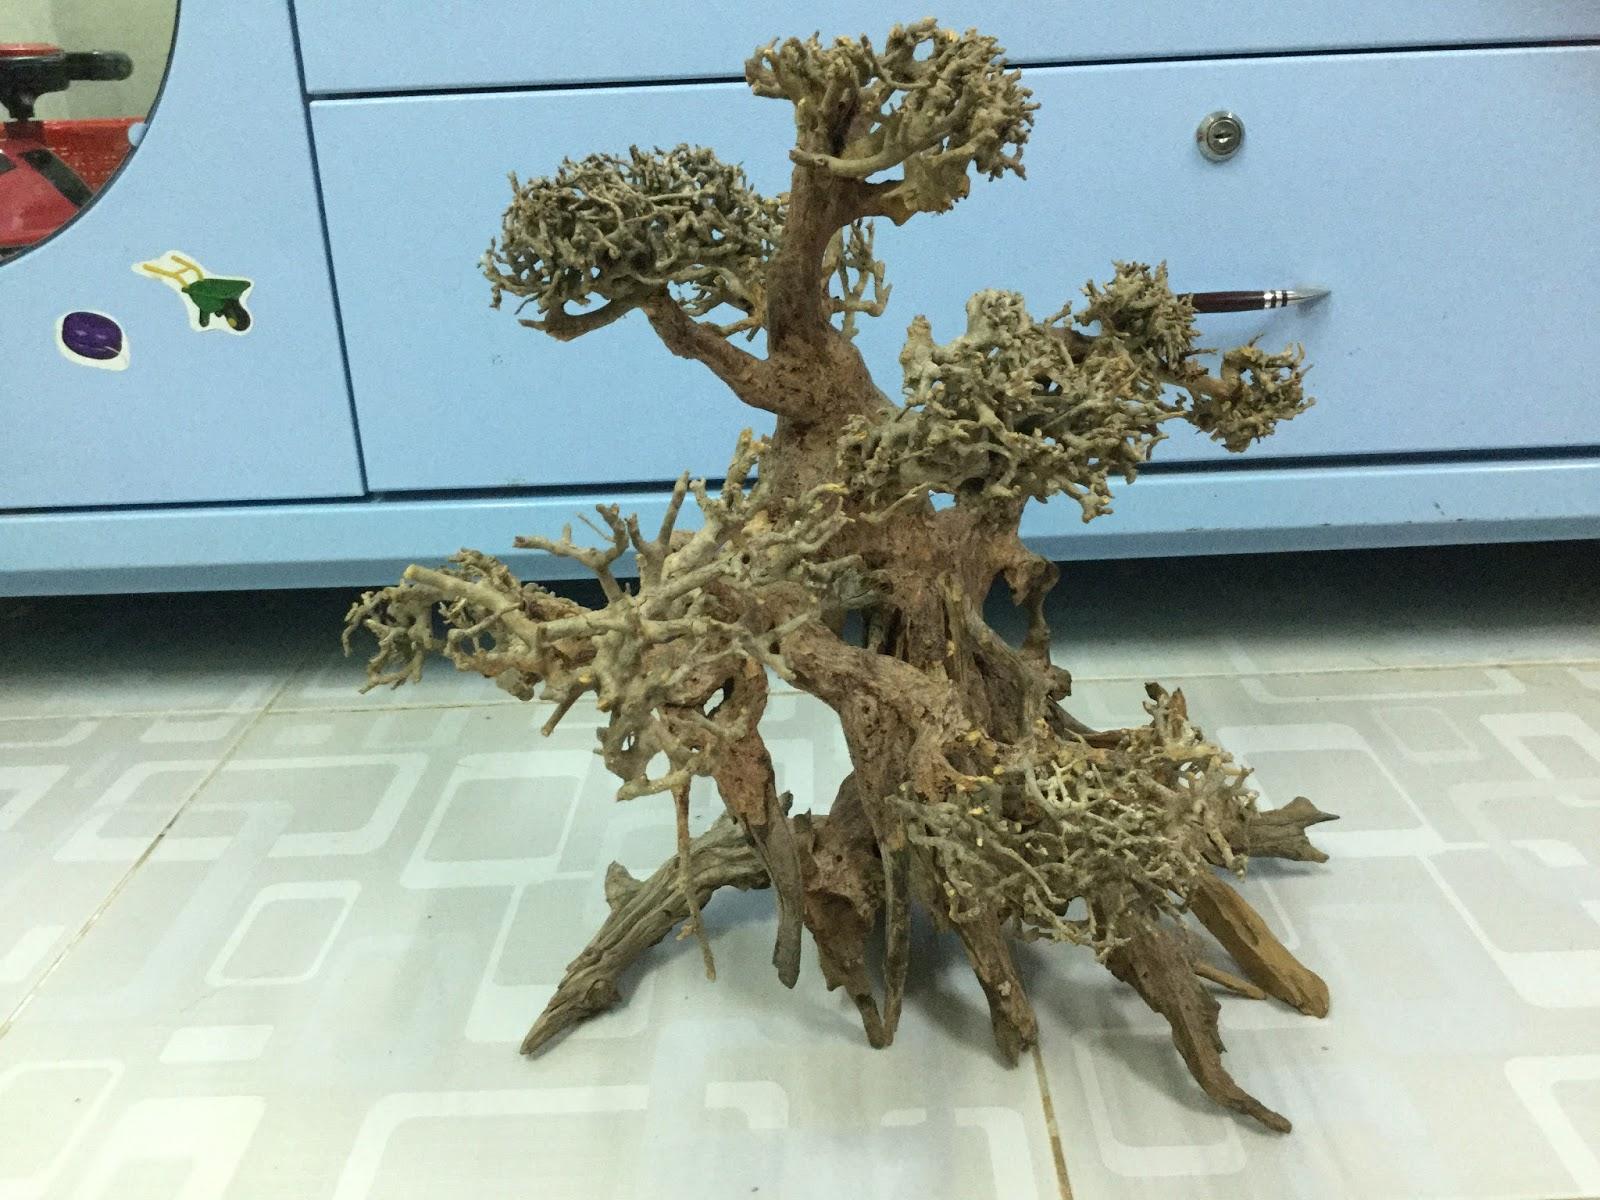 lũa bonsai thủy sinh đẹp nhìn từ nhiều phía